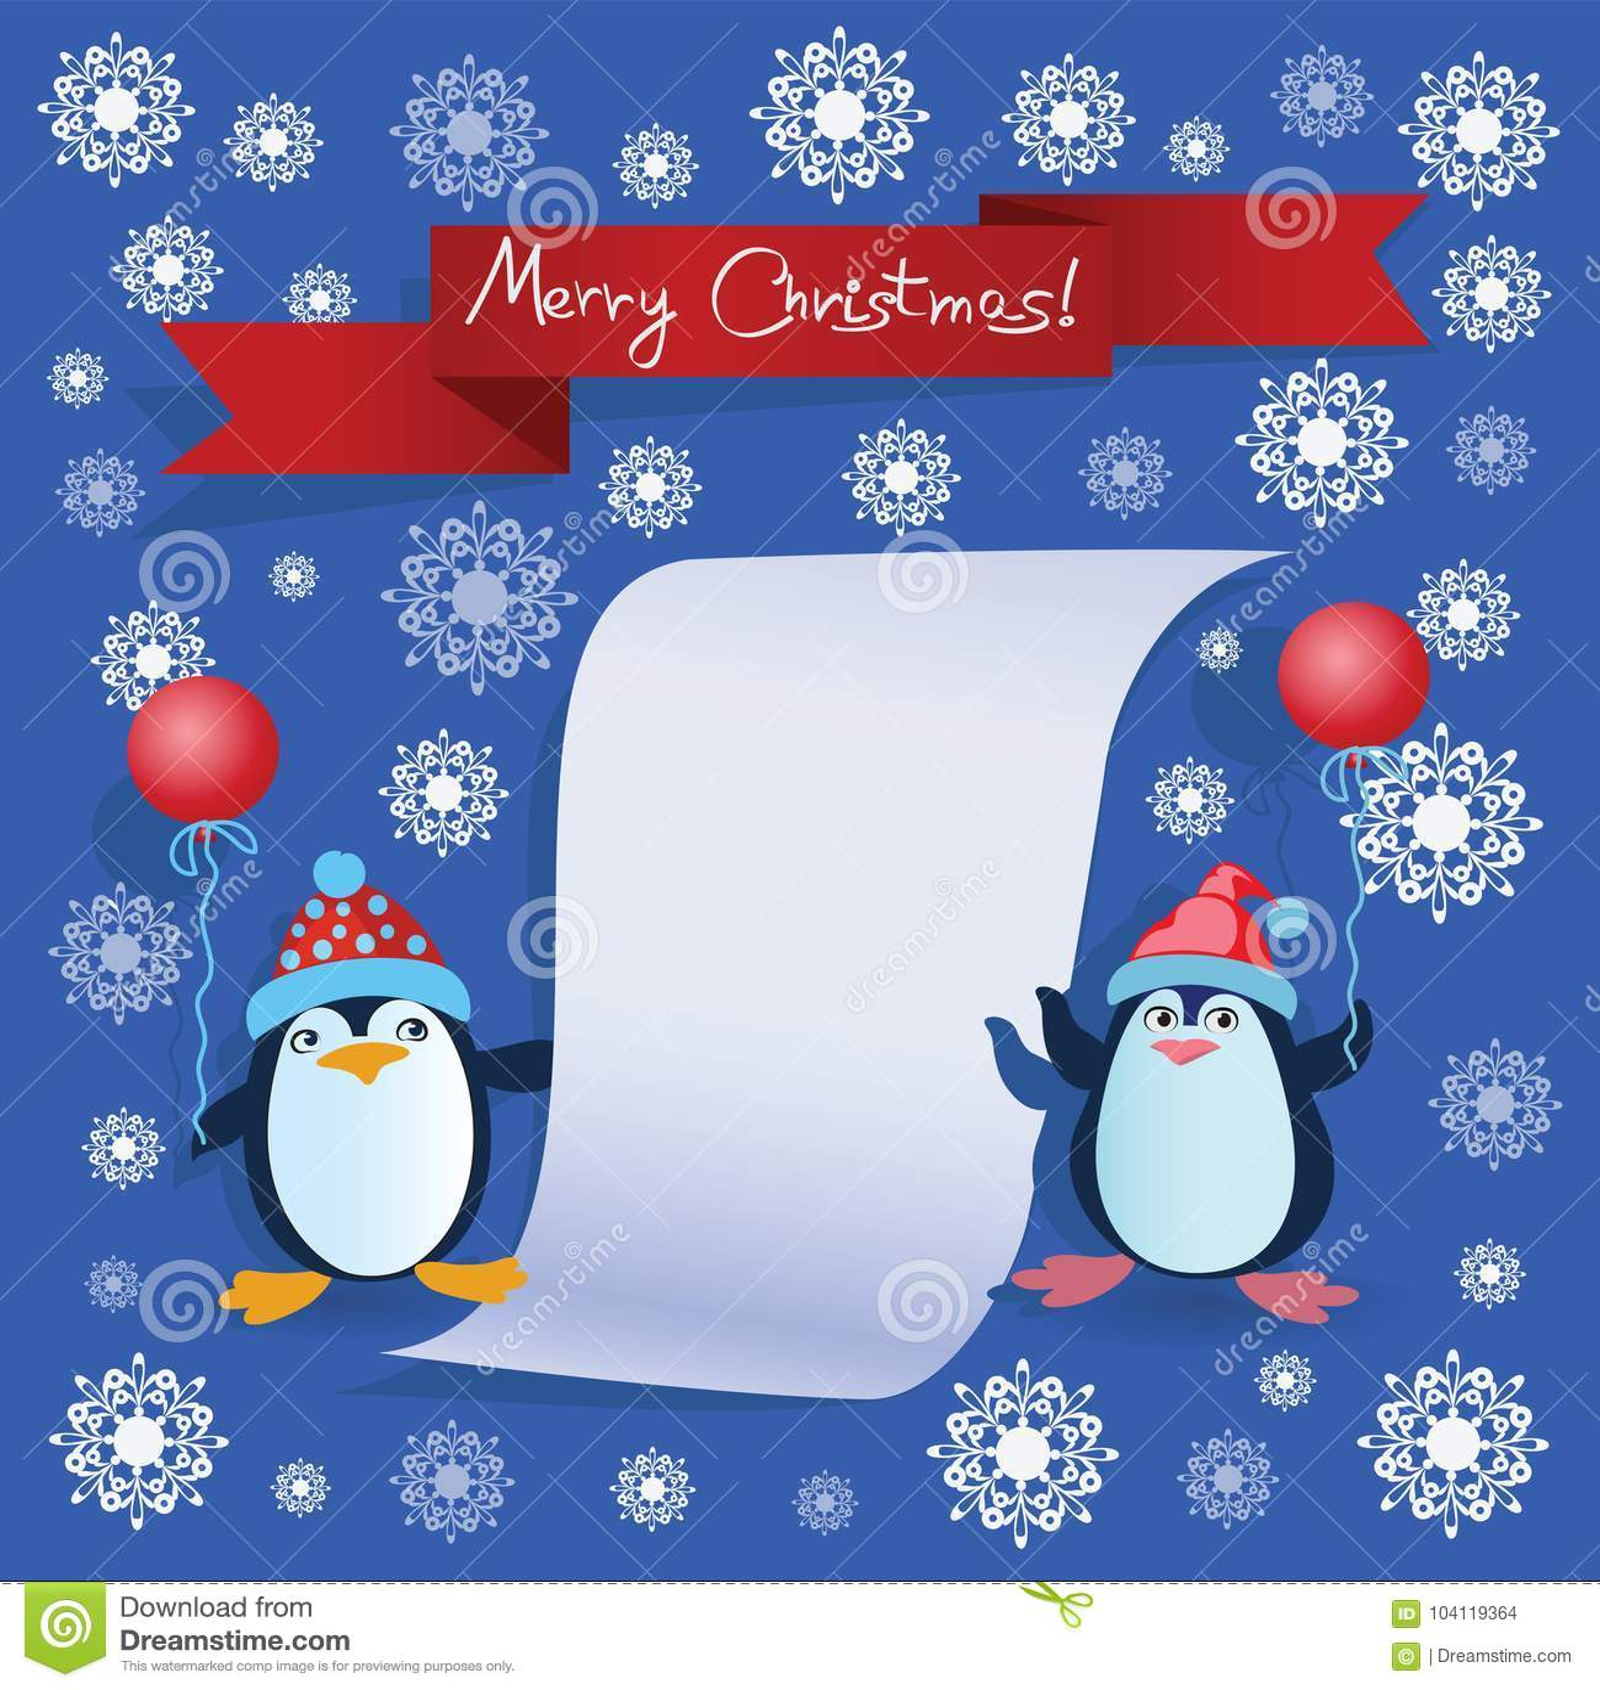 两只企鹅和题字圣诞快乐!